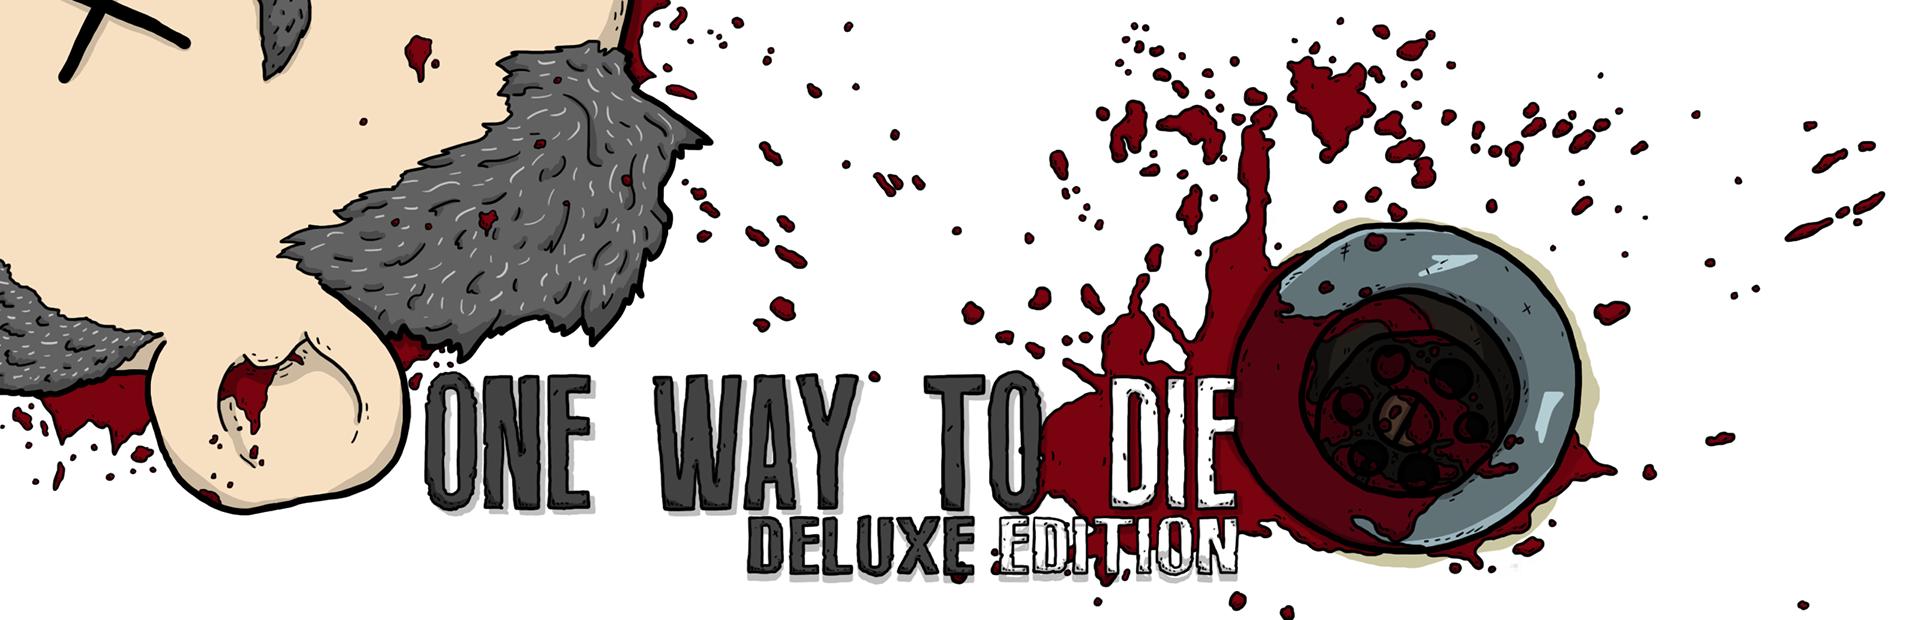 One Way To Die: Desktop Deluxe